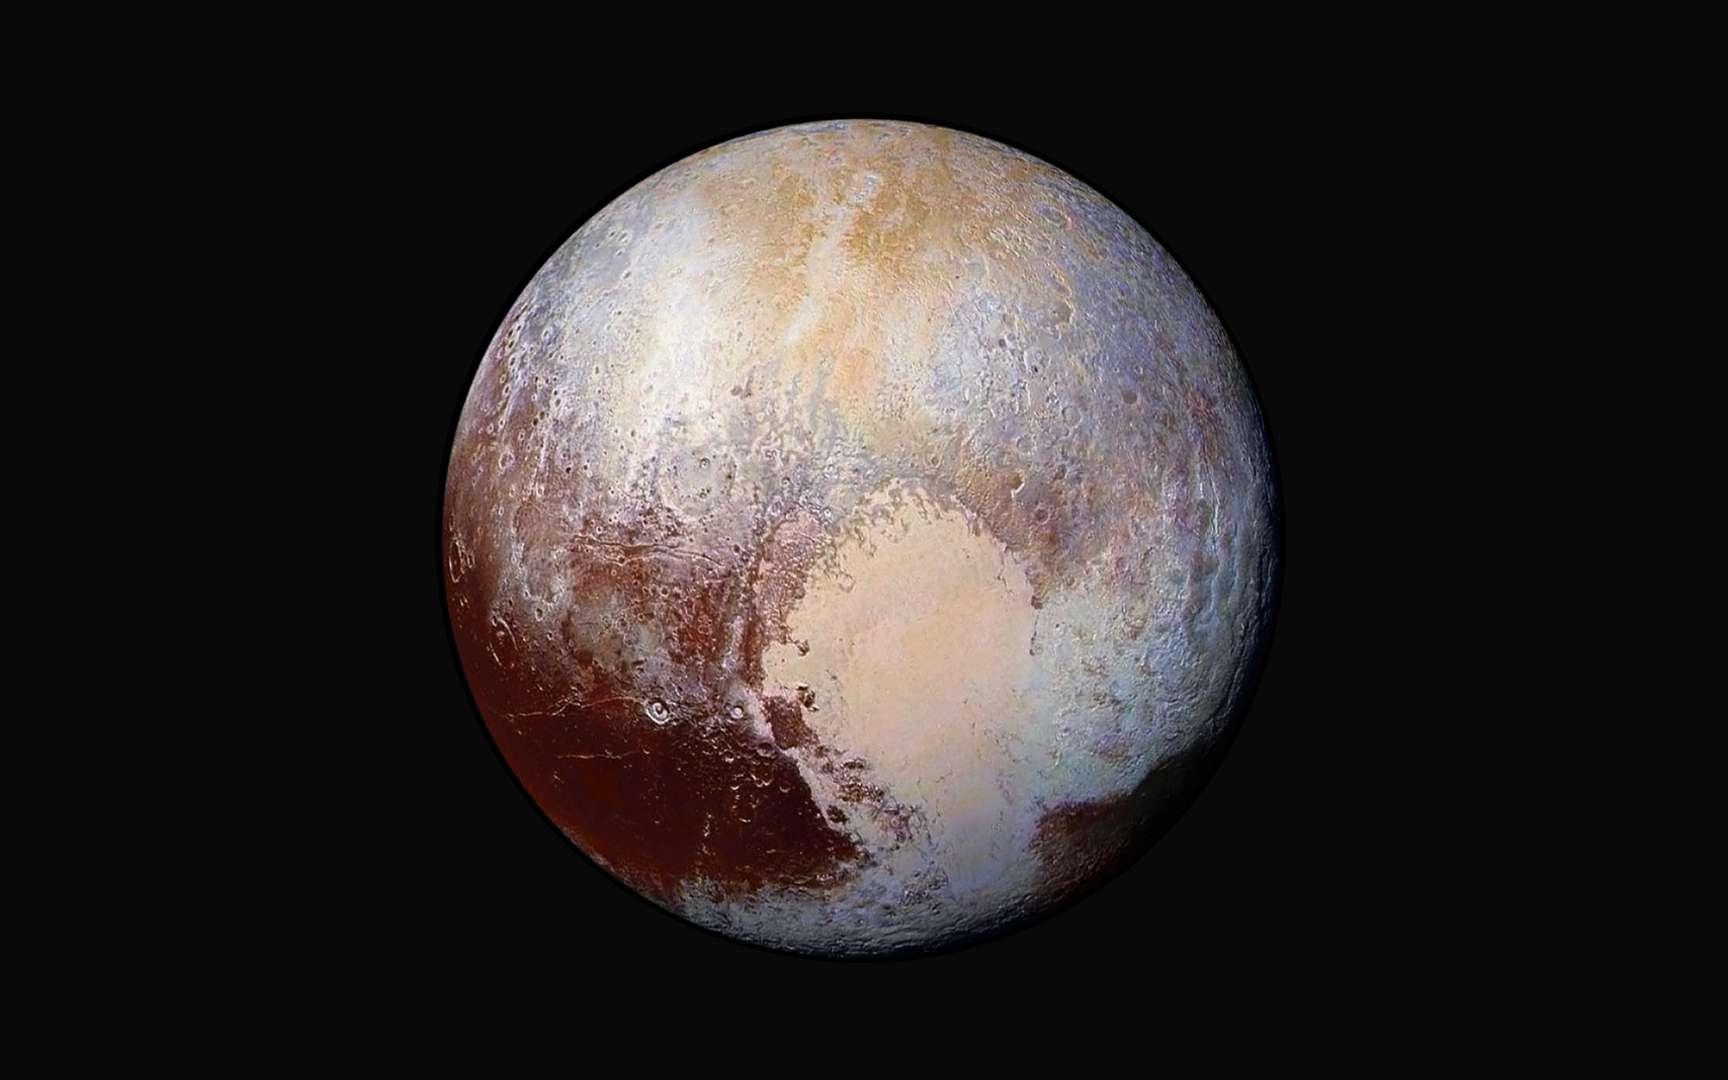 Pour ce portrait de Pluton, quatre images prises le 13 juillet avec Lorri (Long Range Reconnaissance Imager), le télescope de New Horizons, ont été superposées et colorisées à partir des données de l'instrument Ralph. Chaque tache colorée souligne la présence de matériaux différents. La sonde était à 450.000 km de Pluton lorsque ces images ont été prises. © Nasa, JHUAPL, SwRI